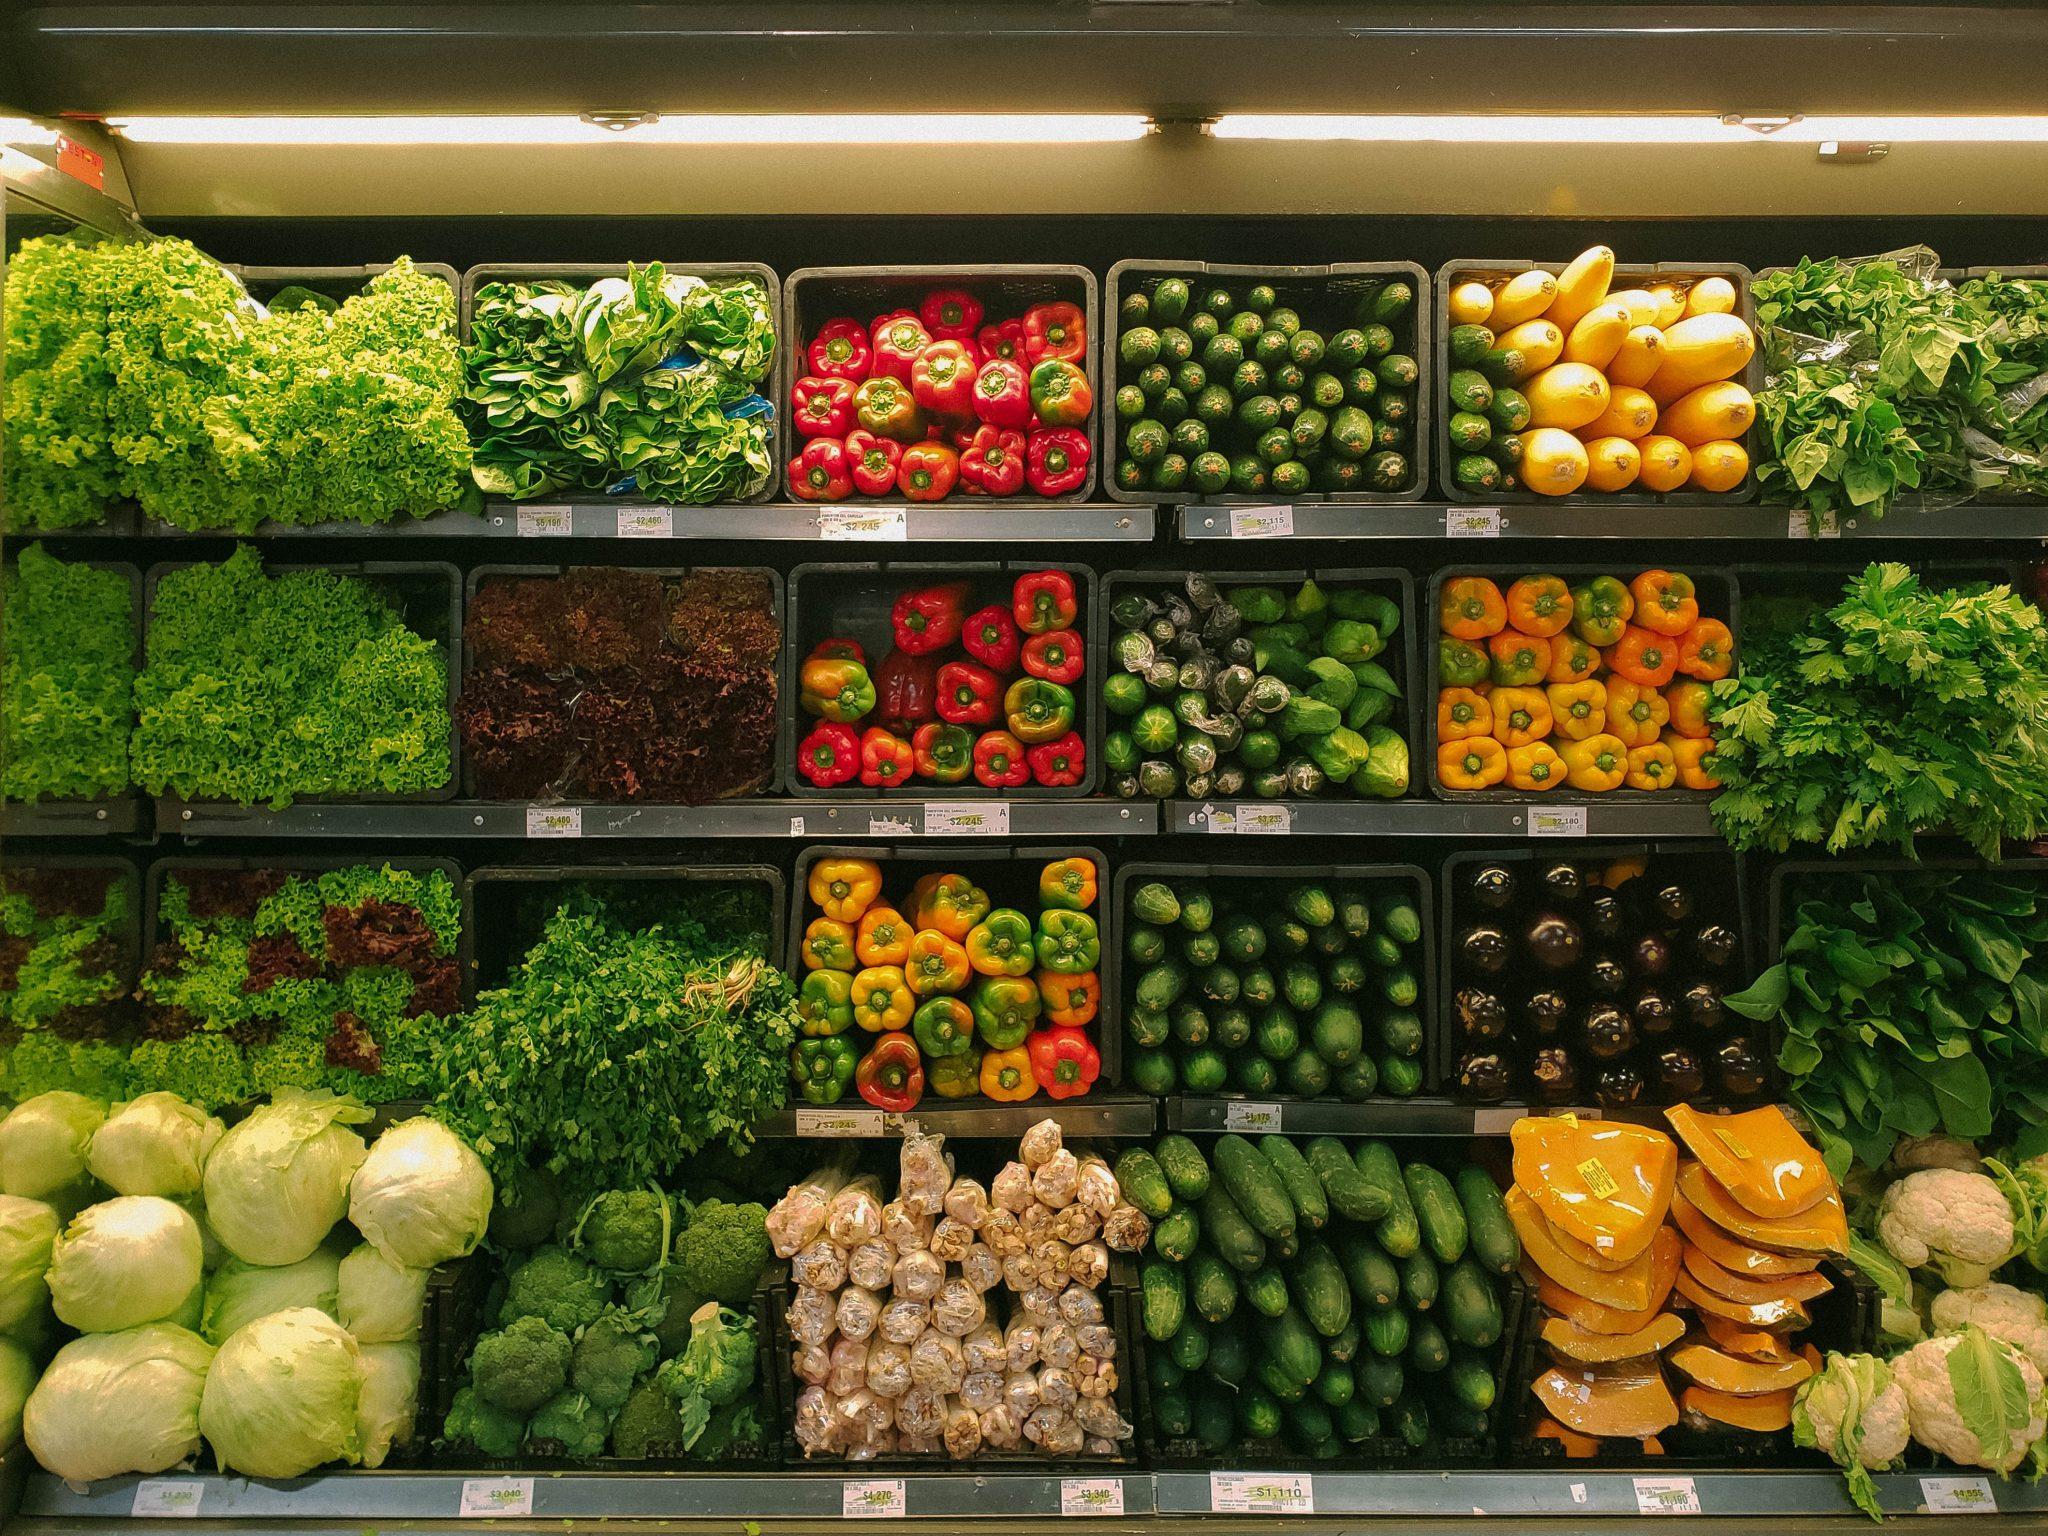 """Résultat de recherche d'images pour """"légumes et des produits alimentaires"""""""